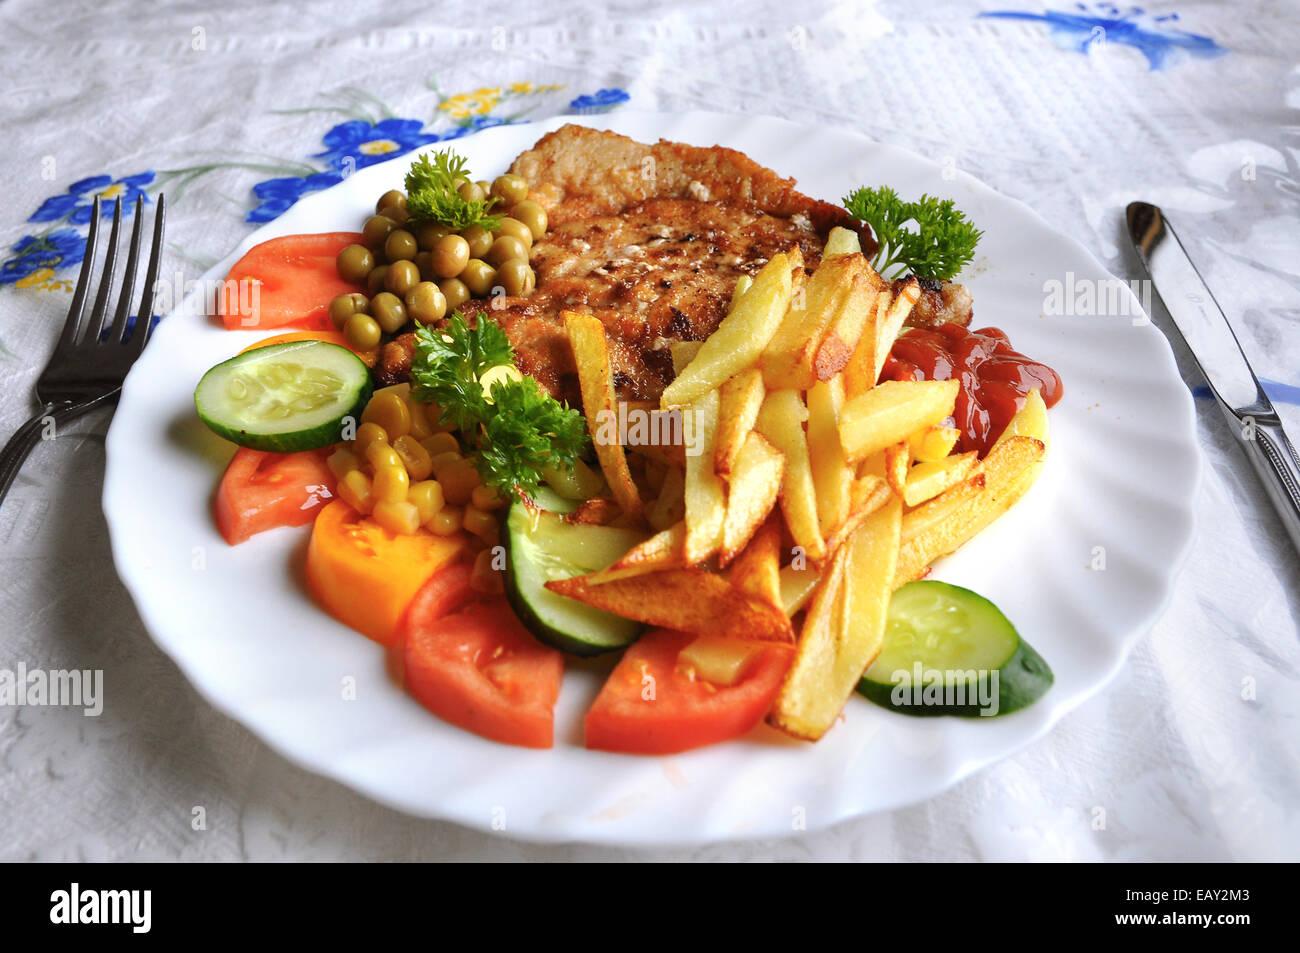 Repas malsains de poulet et frites Photo Stock